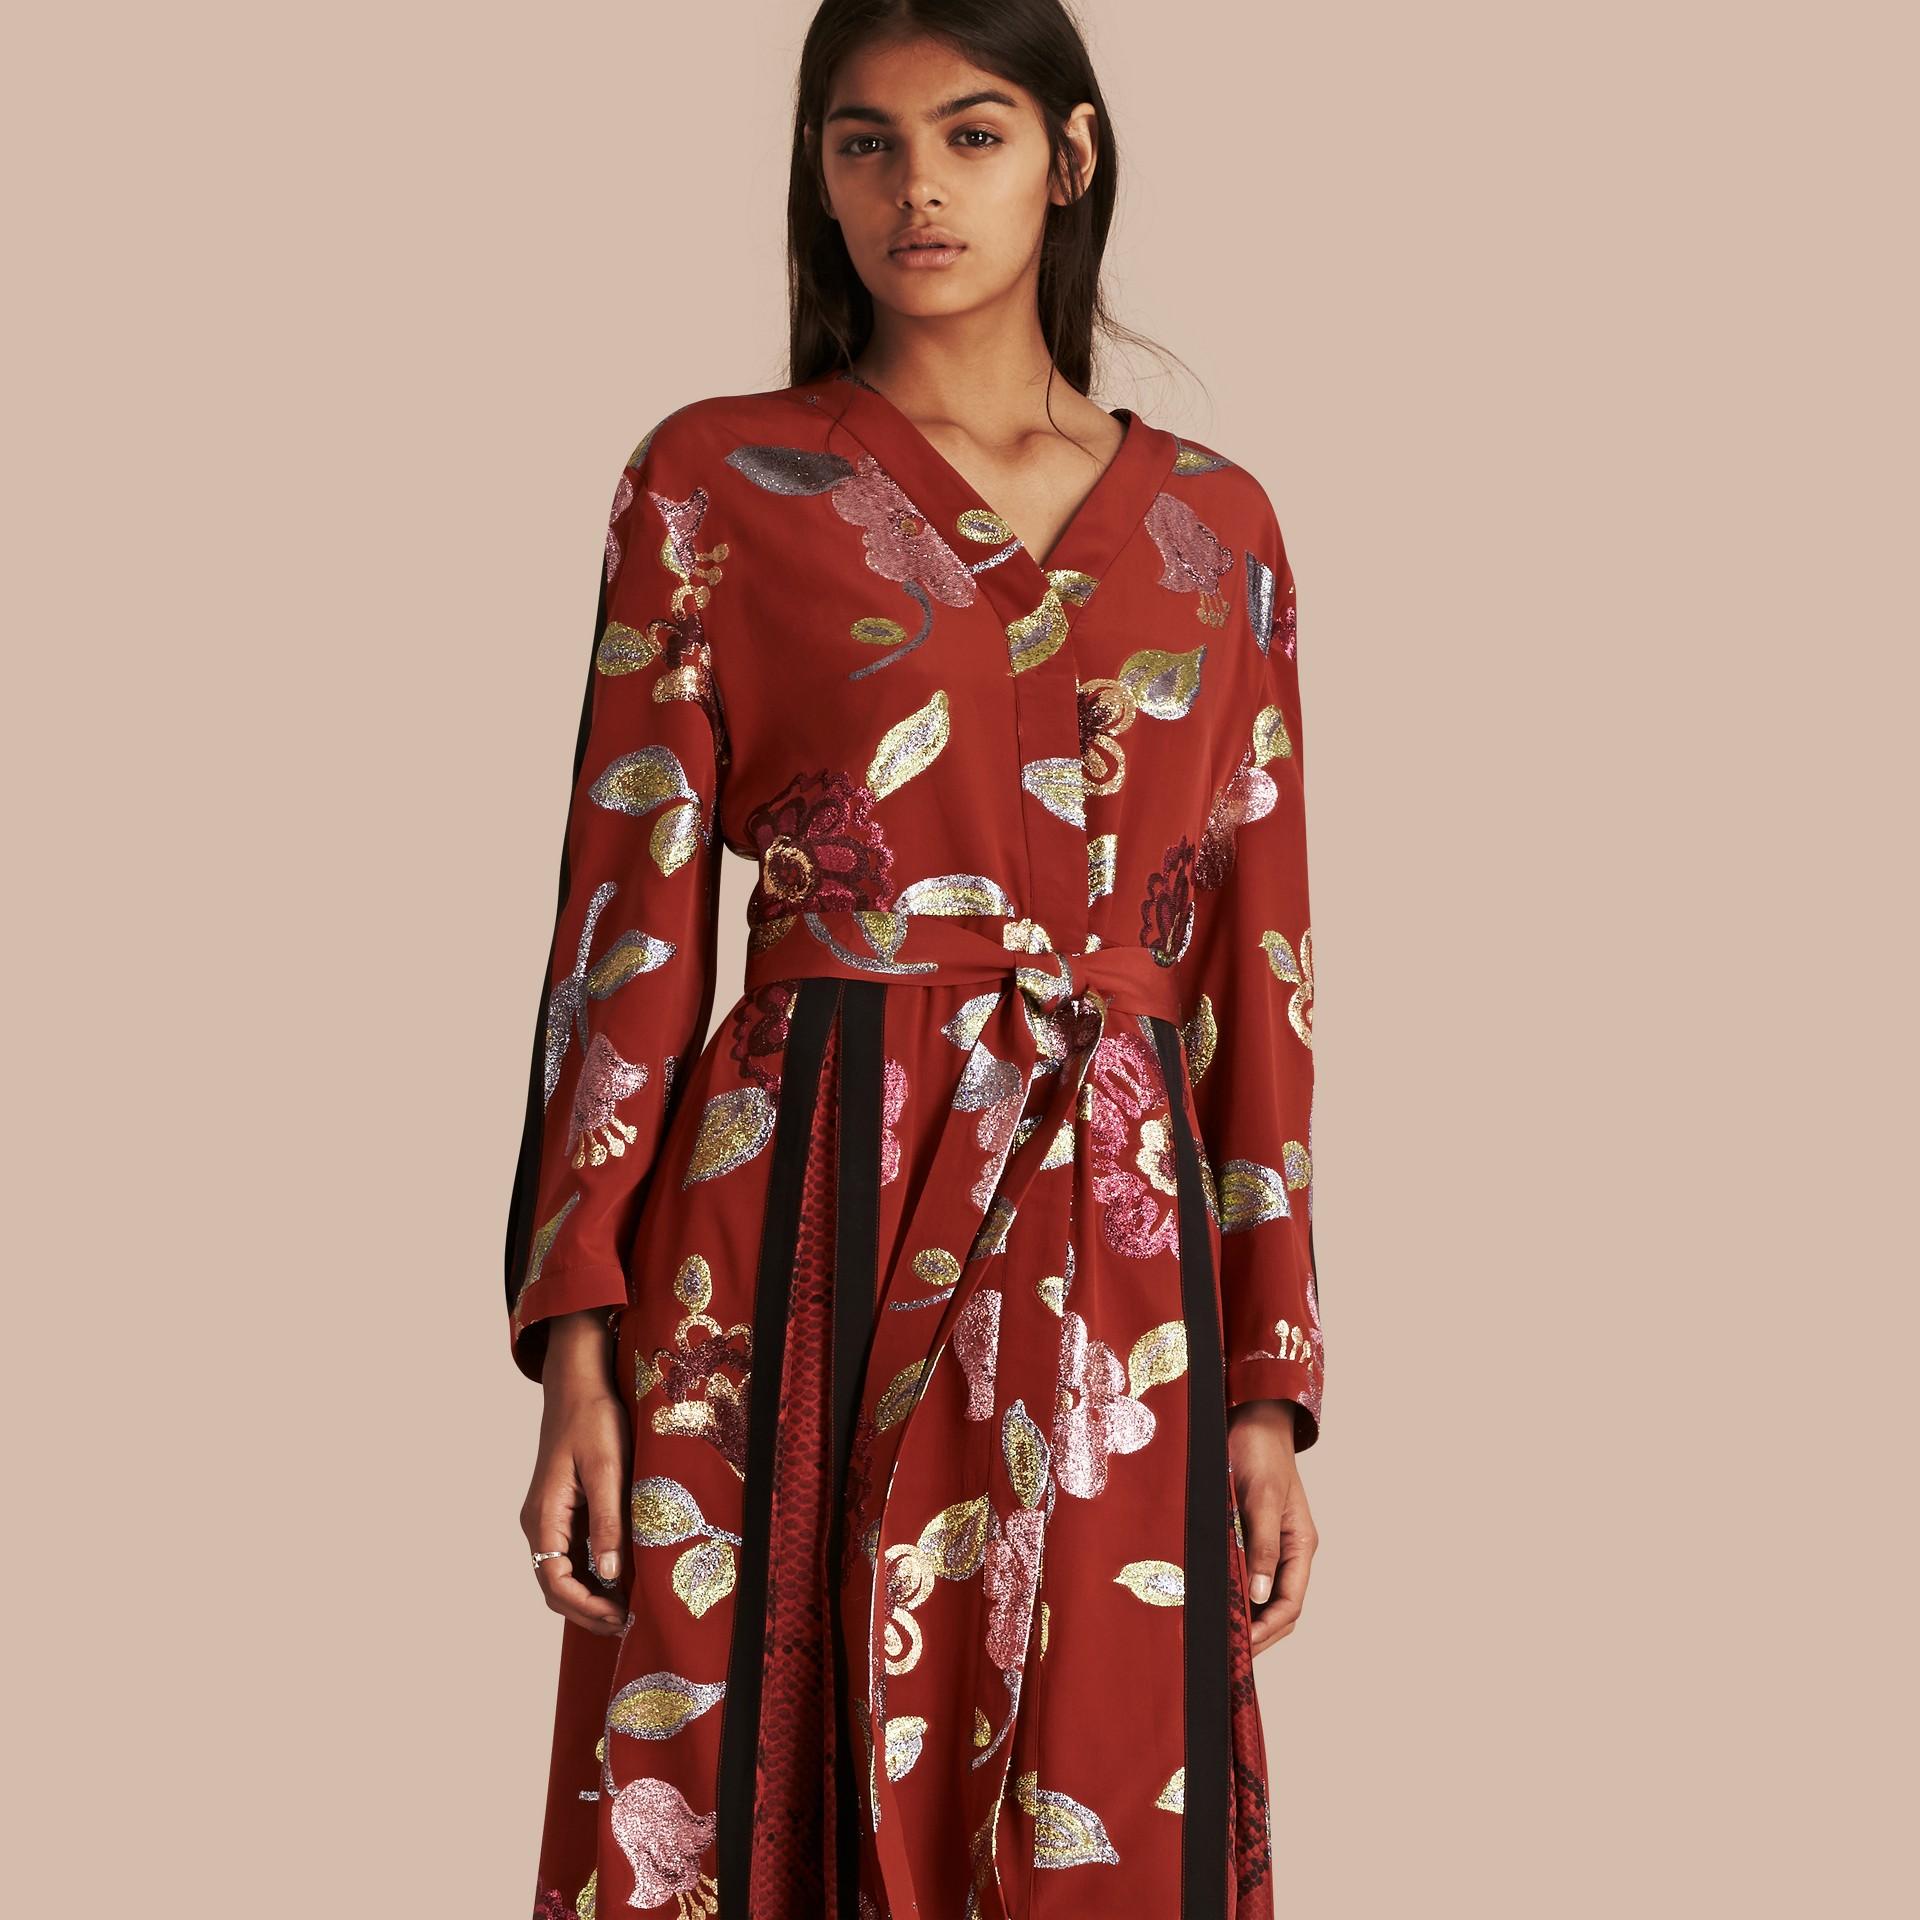 Terre de sienne brûlée Robe de soirée portefeuille en soie avec ornements en fil coupé à motif floral - photo de la galerie 6